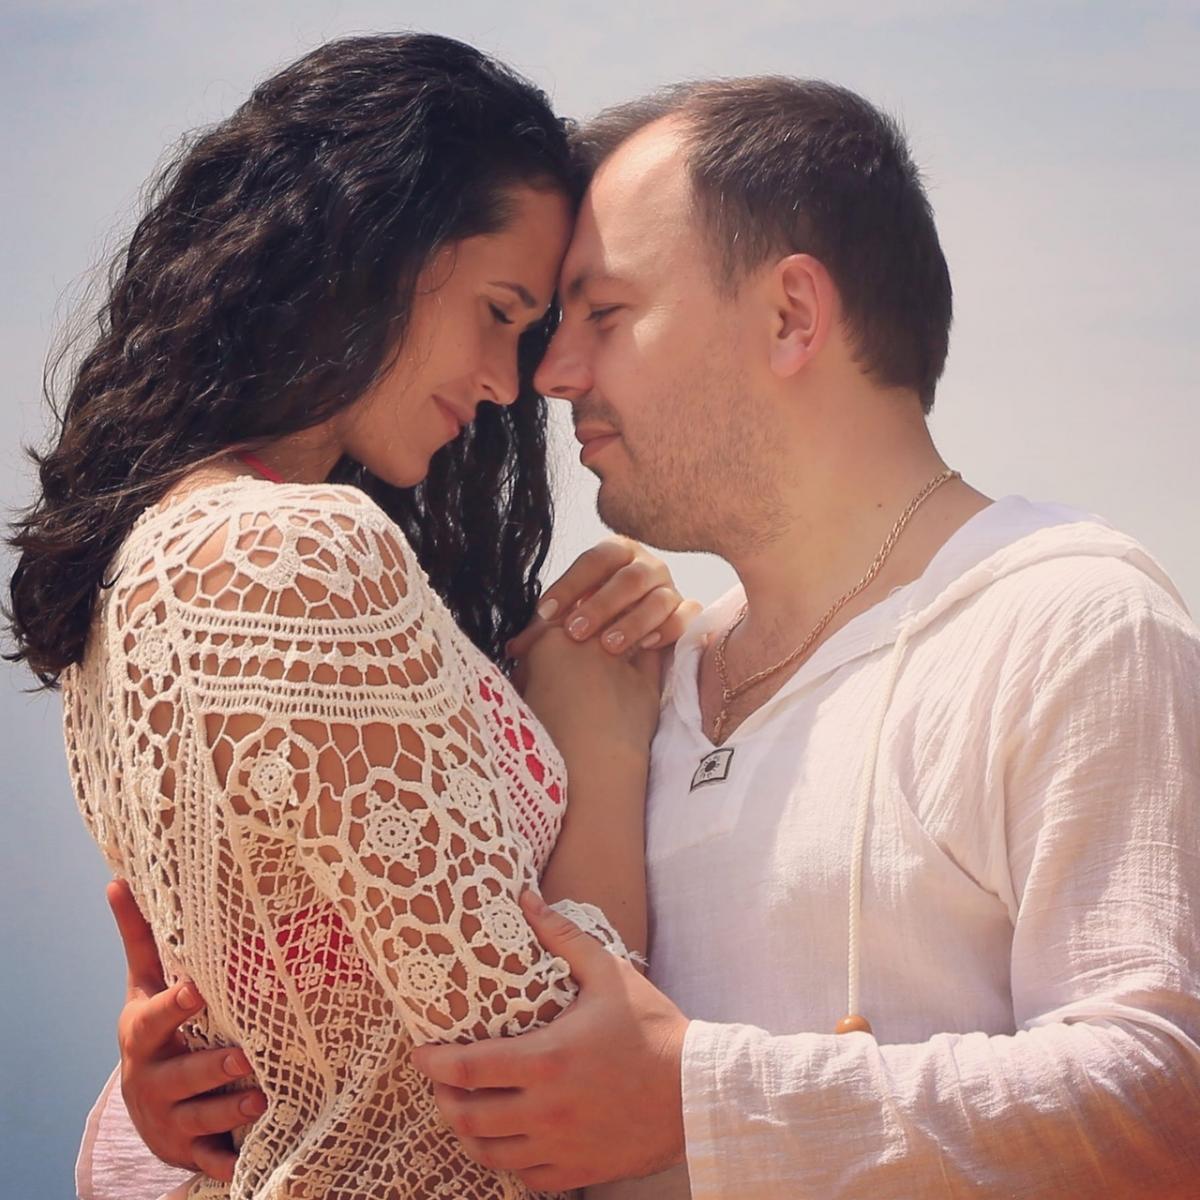 Ярослав Сумишевский вместе с супругой Натальей попали в страшную автокатастрофу